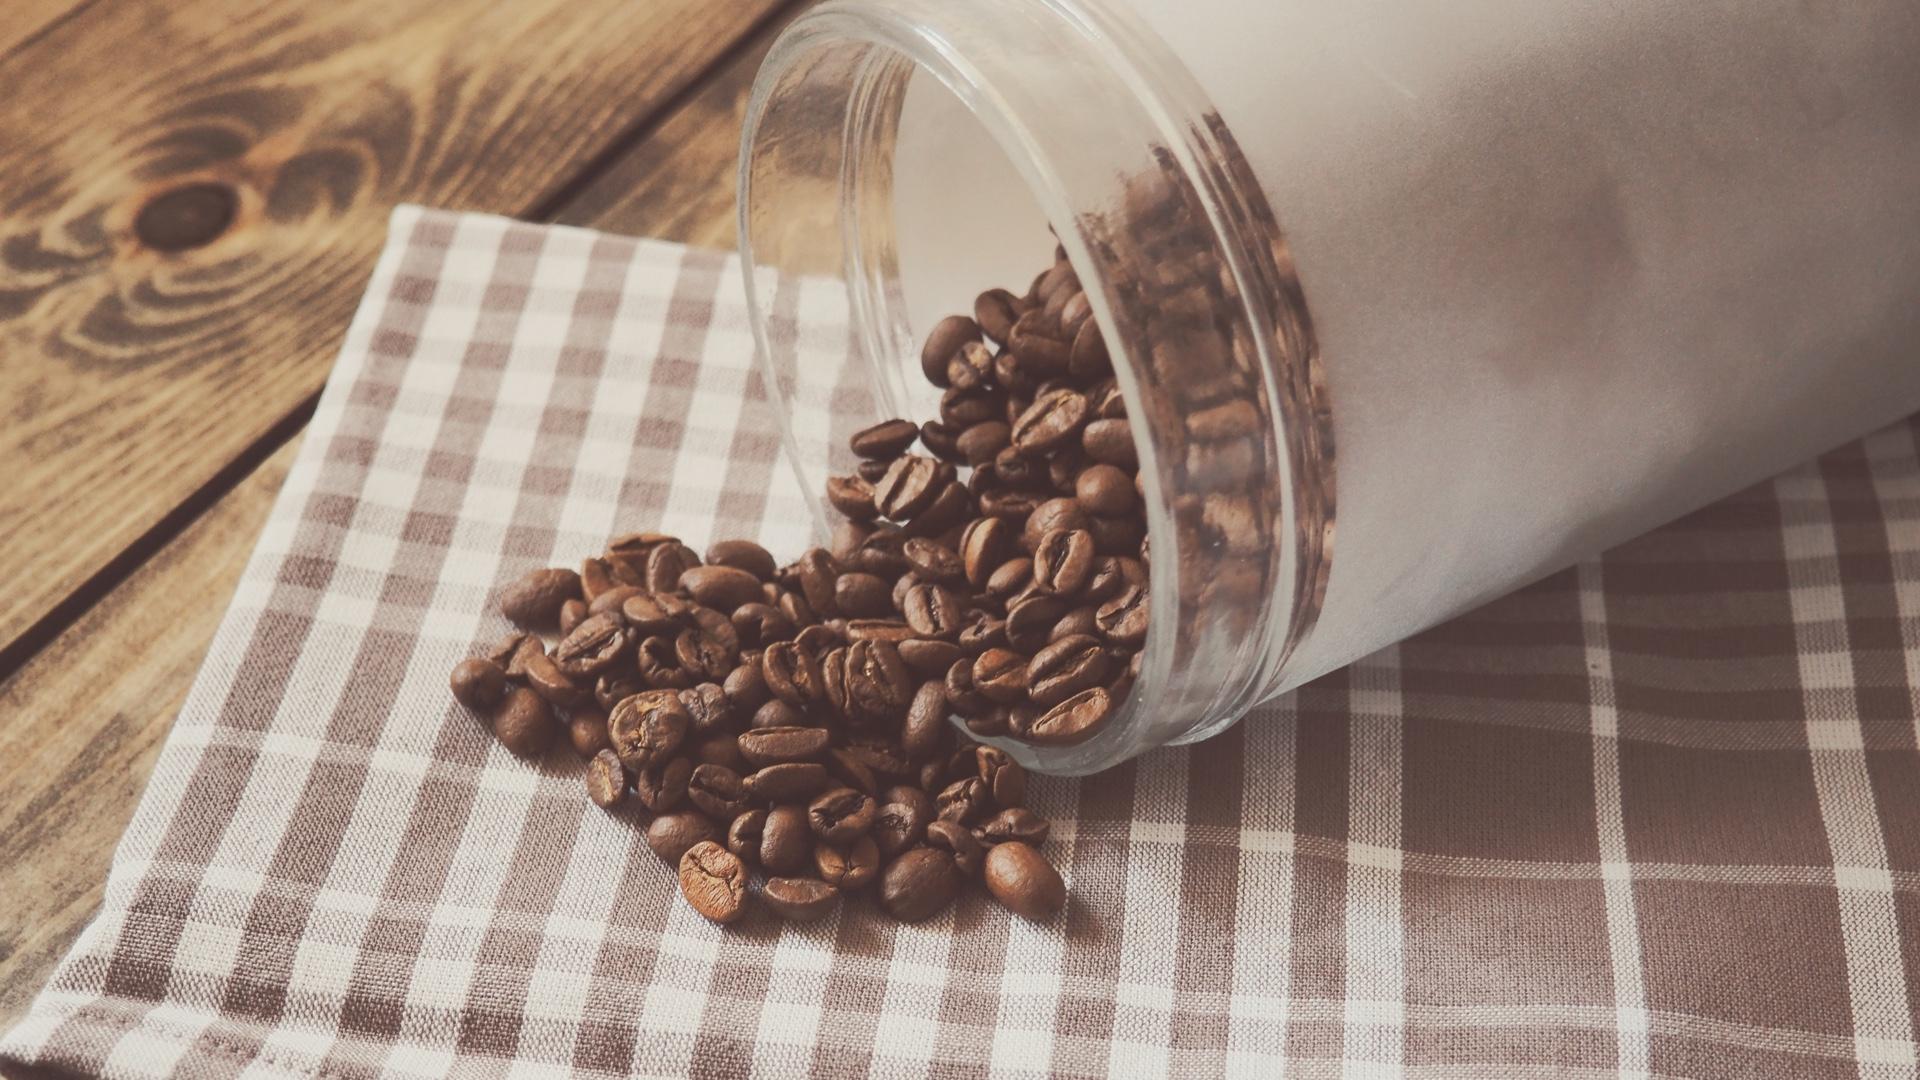 kaffe i kylen